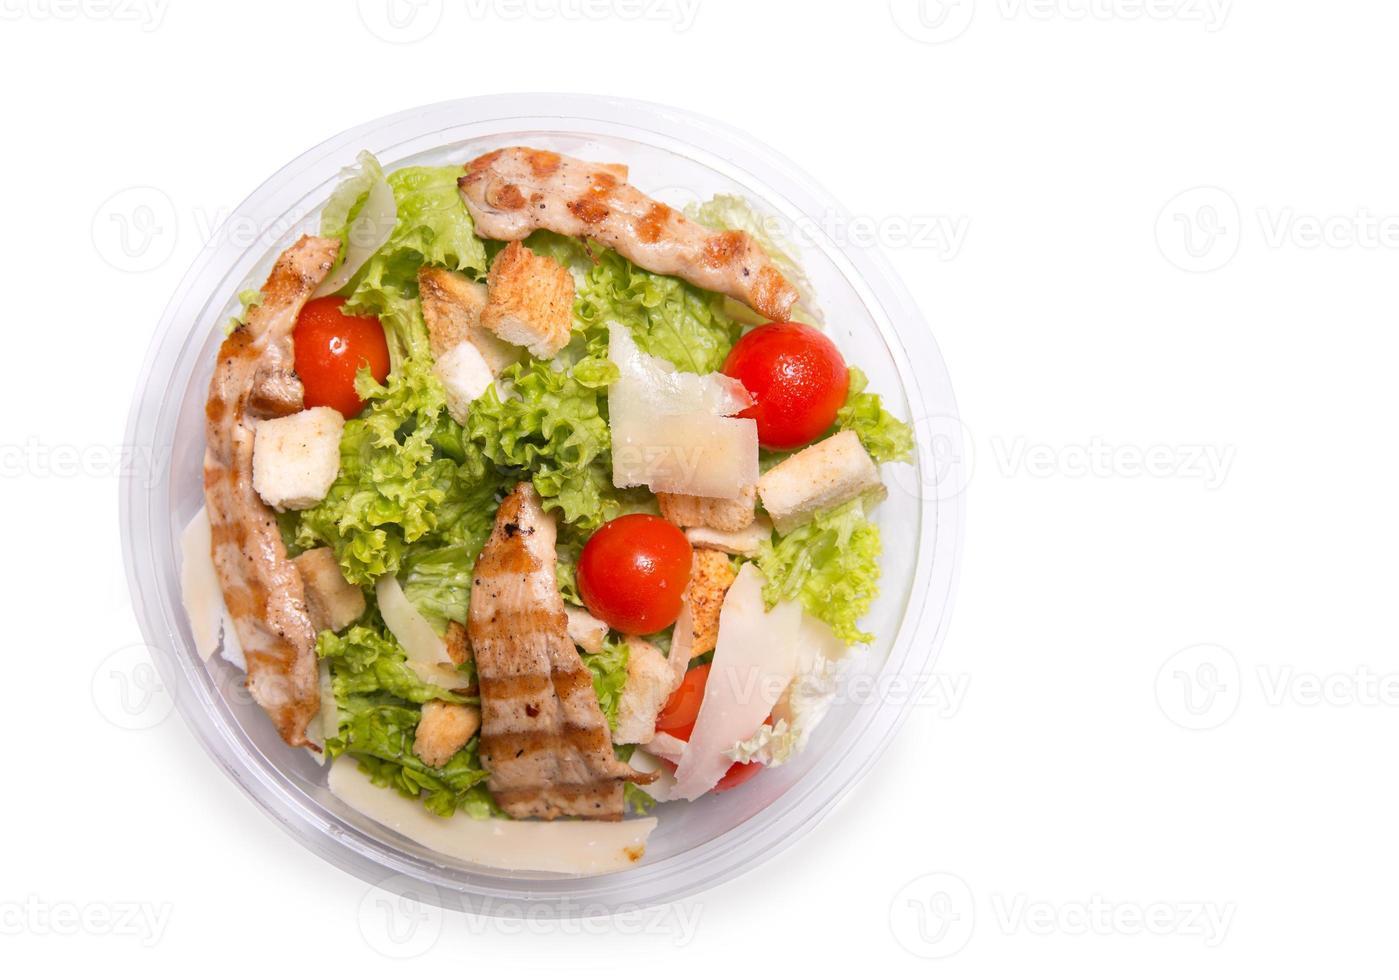 insalata caesar con carne di pollo alla griglia, vista dall'alto foto